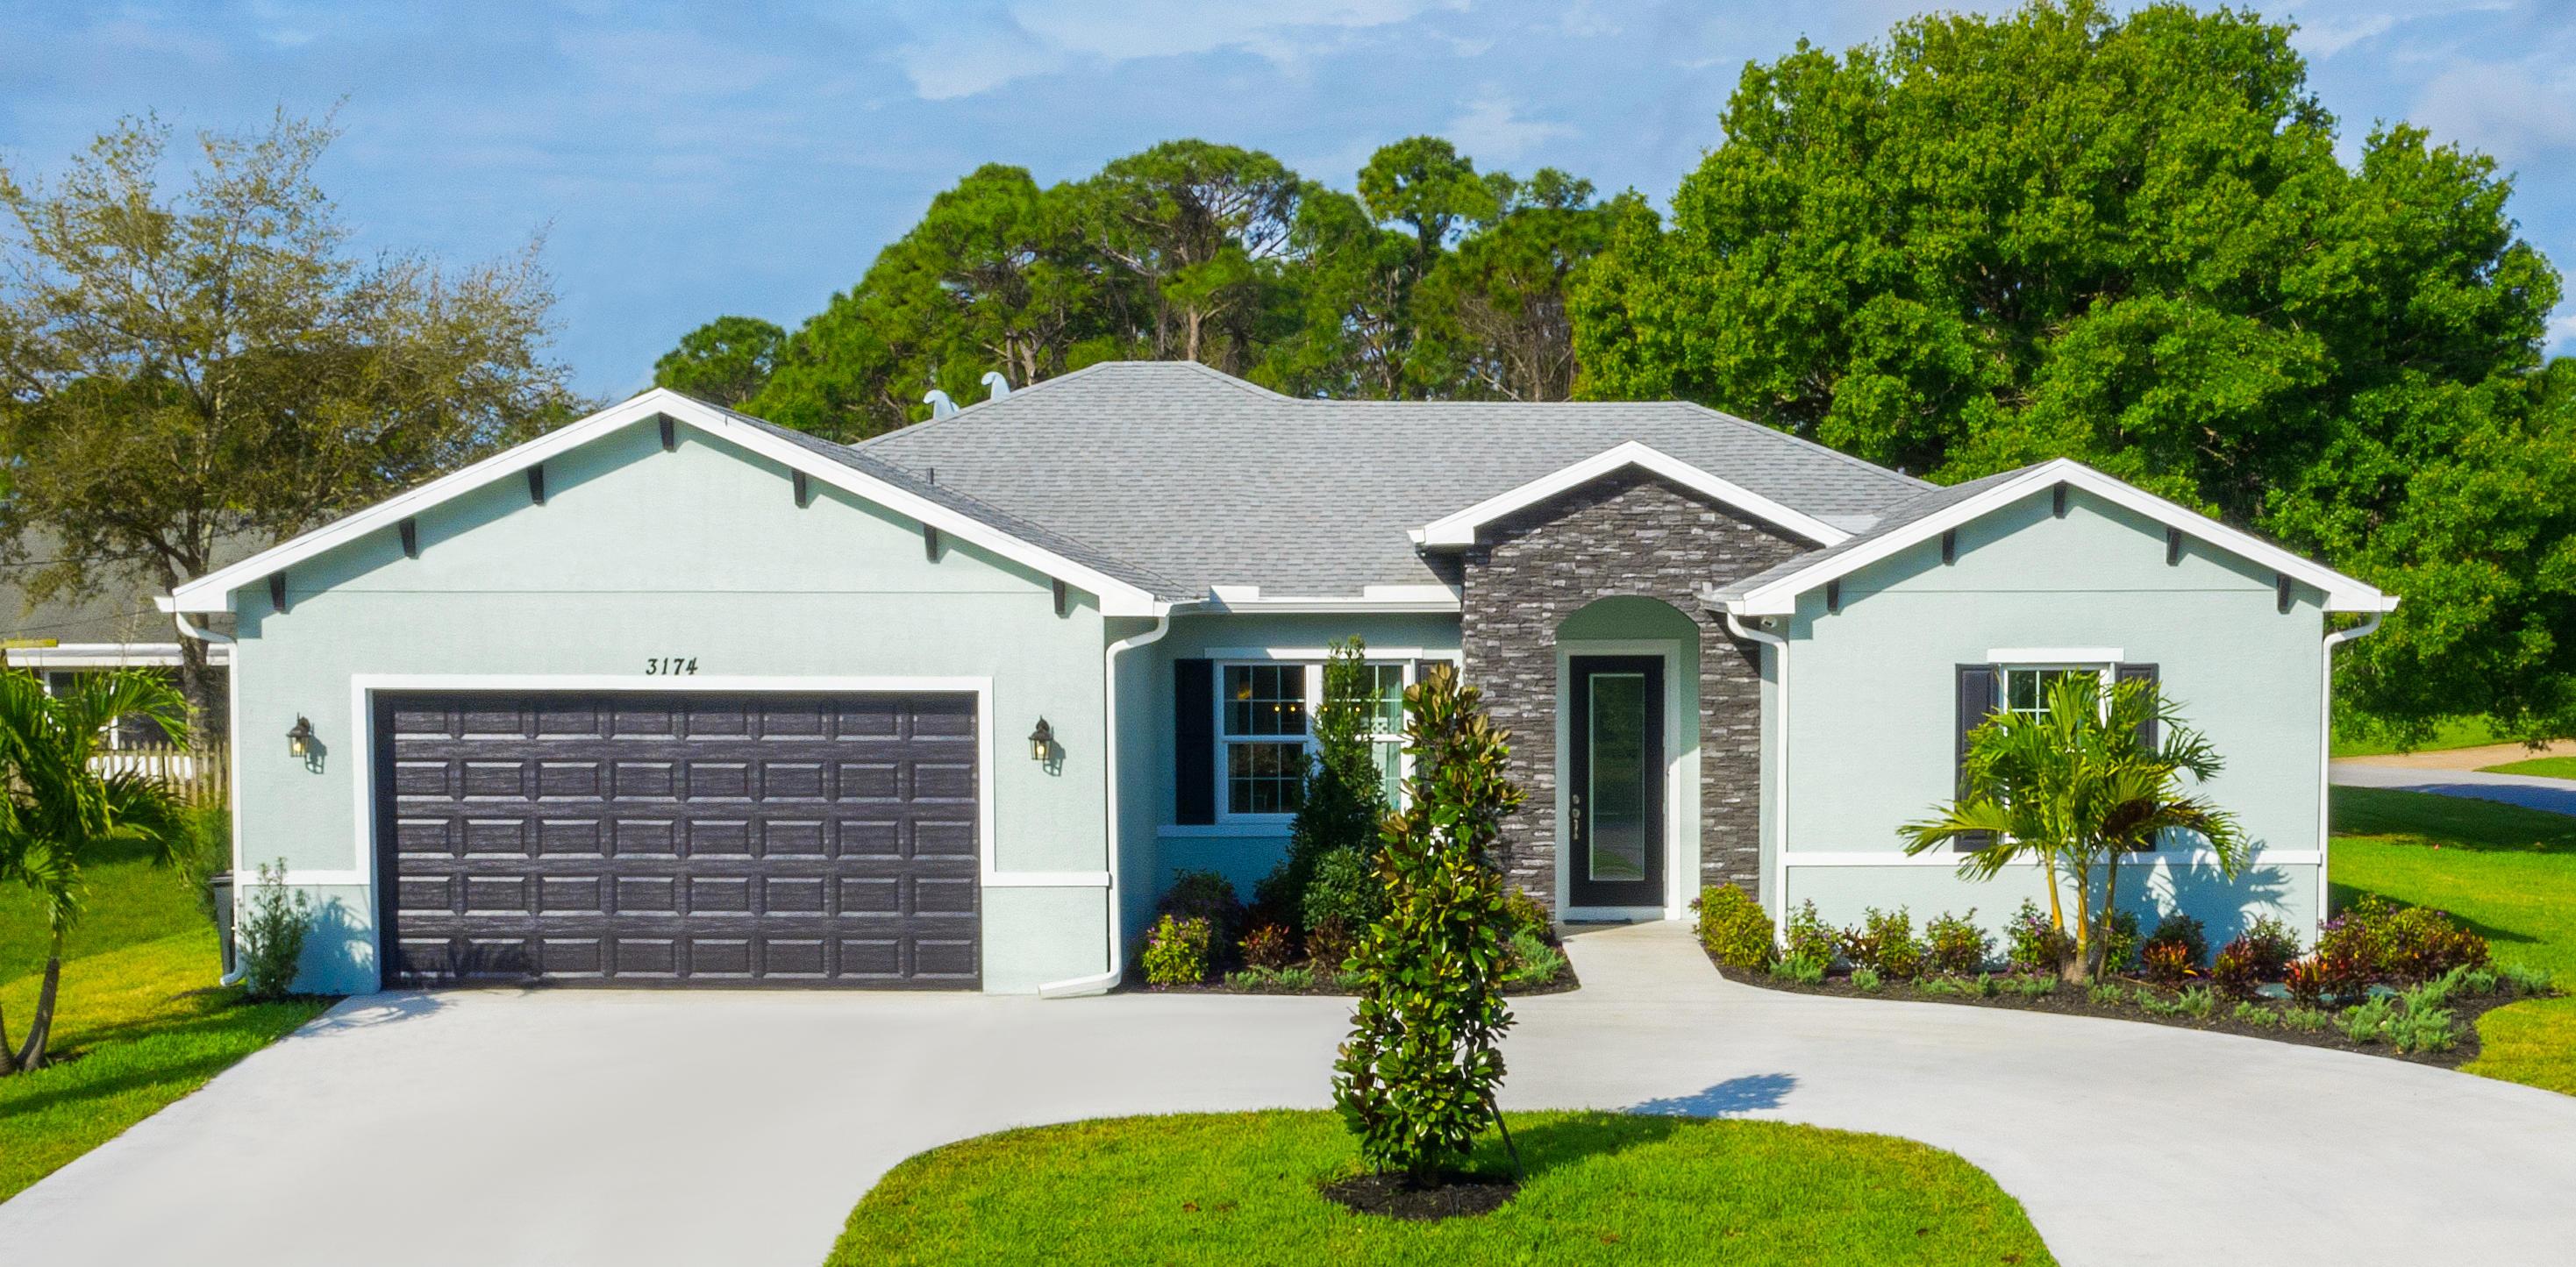 2144 Sw Pamona Street, Port Saint Lucie, FL 34953